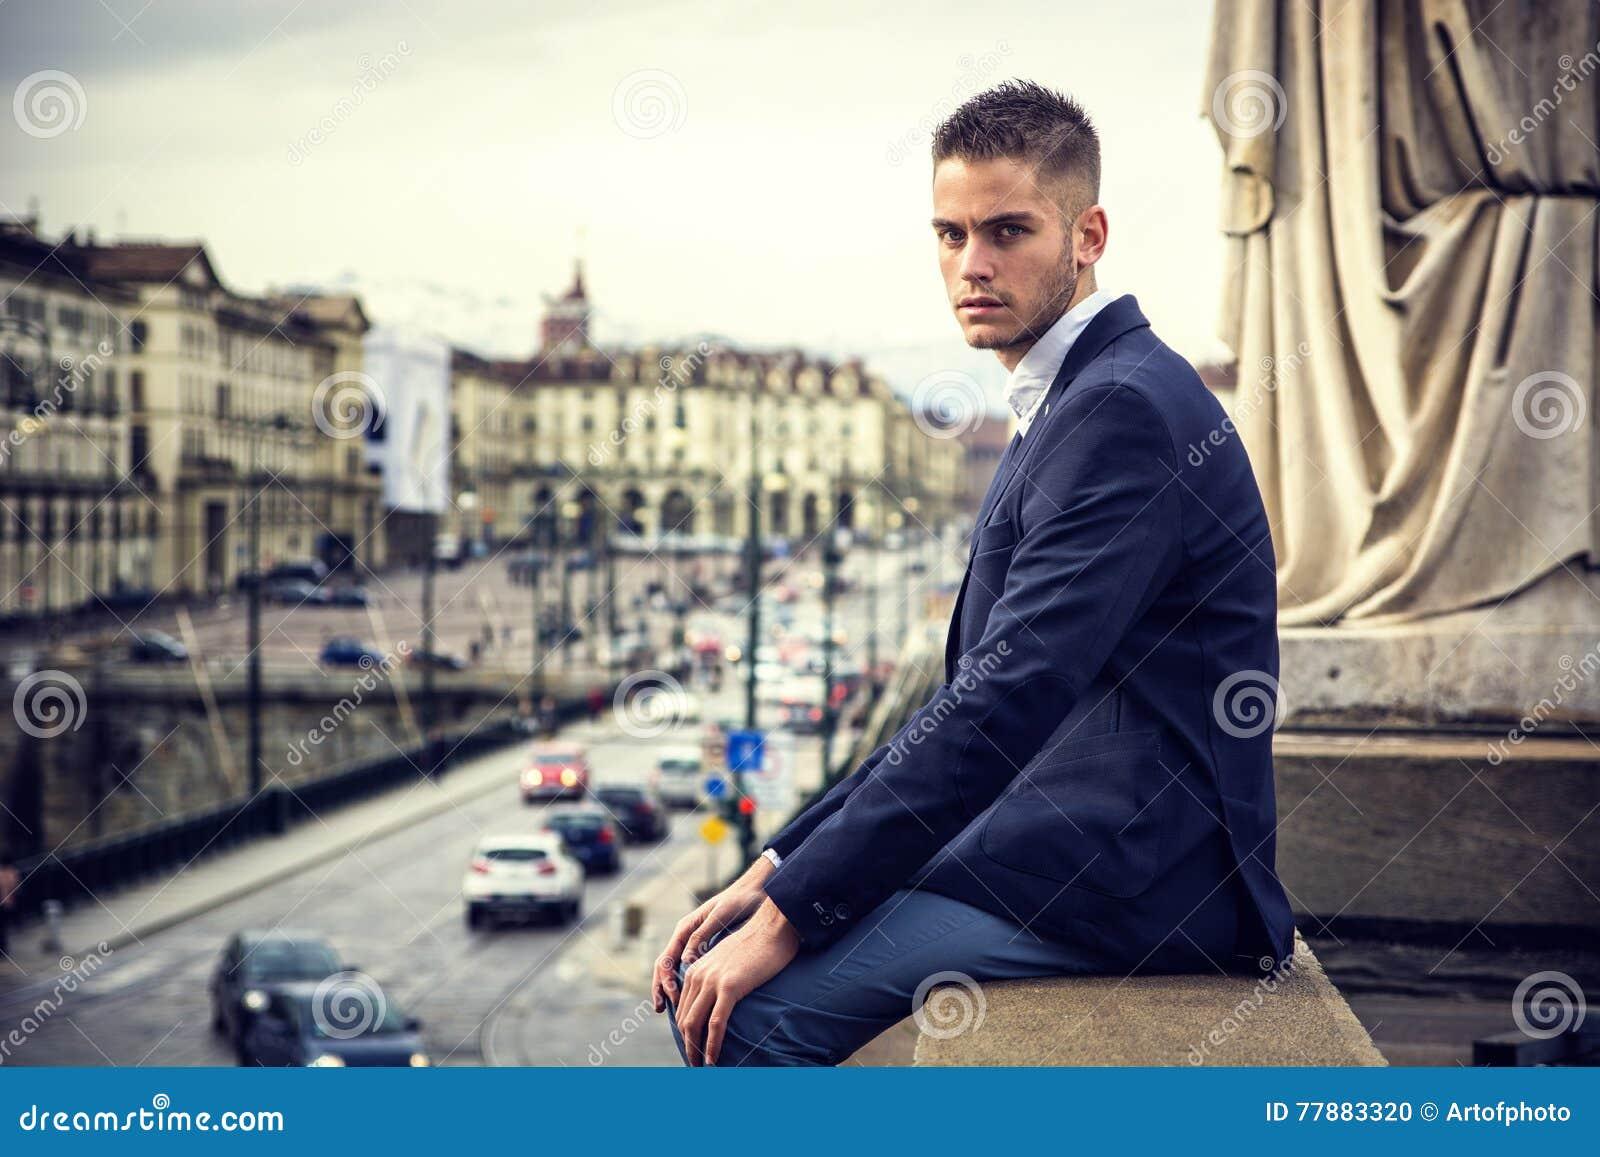 Hombre Joven Hermoso Al Aire Libre En Chaqueta Y Camisa Foto de archivo